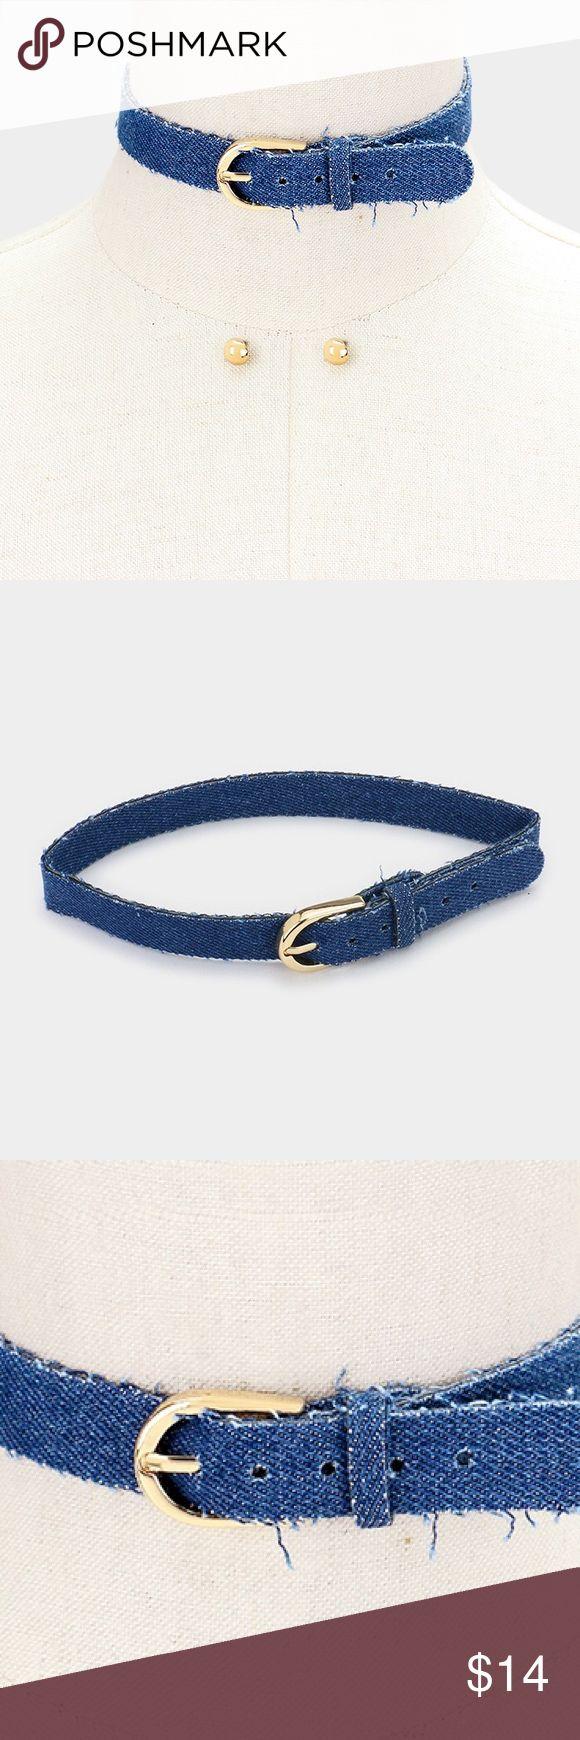 """Denim Buckle Choker + Earring Set [grandavenue: 323841] • Color : Blue, Gold • Necklace Size : 12"""" + 3"""" L, 0.75"""" H • Earrings Size : 0.3"""" L • Buckle belt denim choker necklace Jewelry Necklaces"""